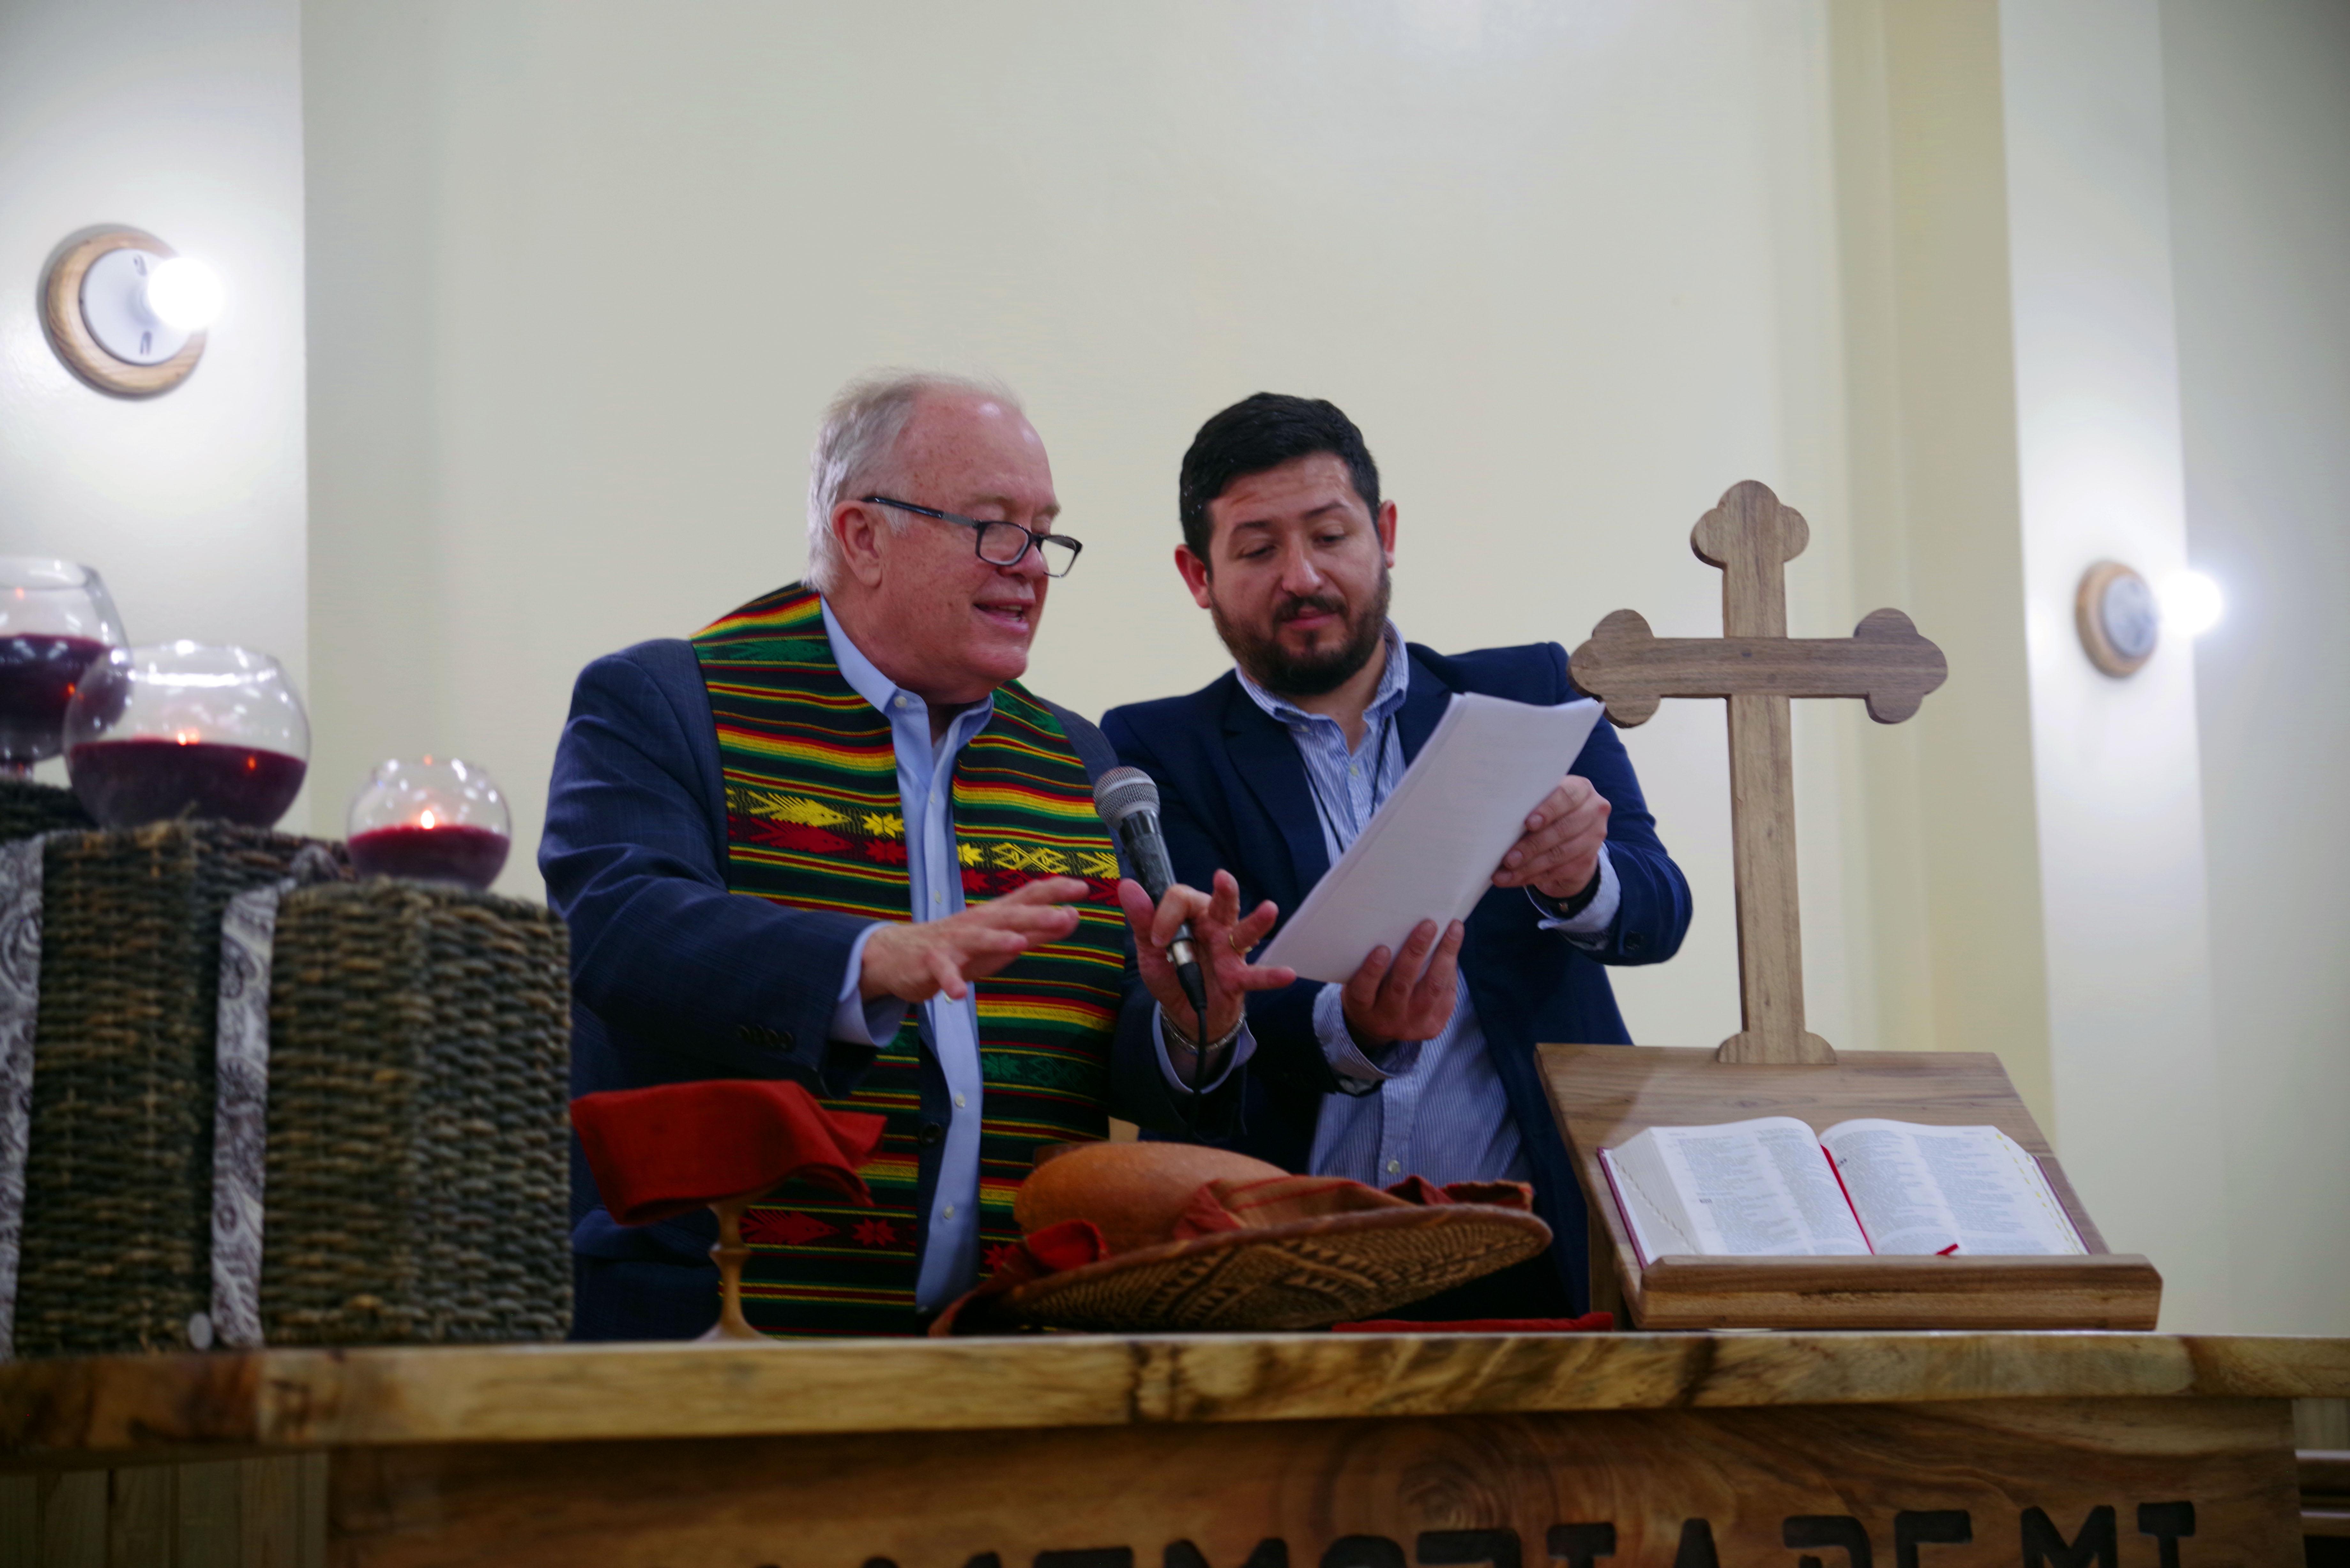 El Obispo Mikel McKee, consagra los elementos de la comunión asistido por el misionero Cristian Schlick. Foto Rev. Gustavo Vasquez, Noticias MU.